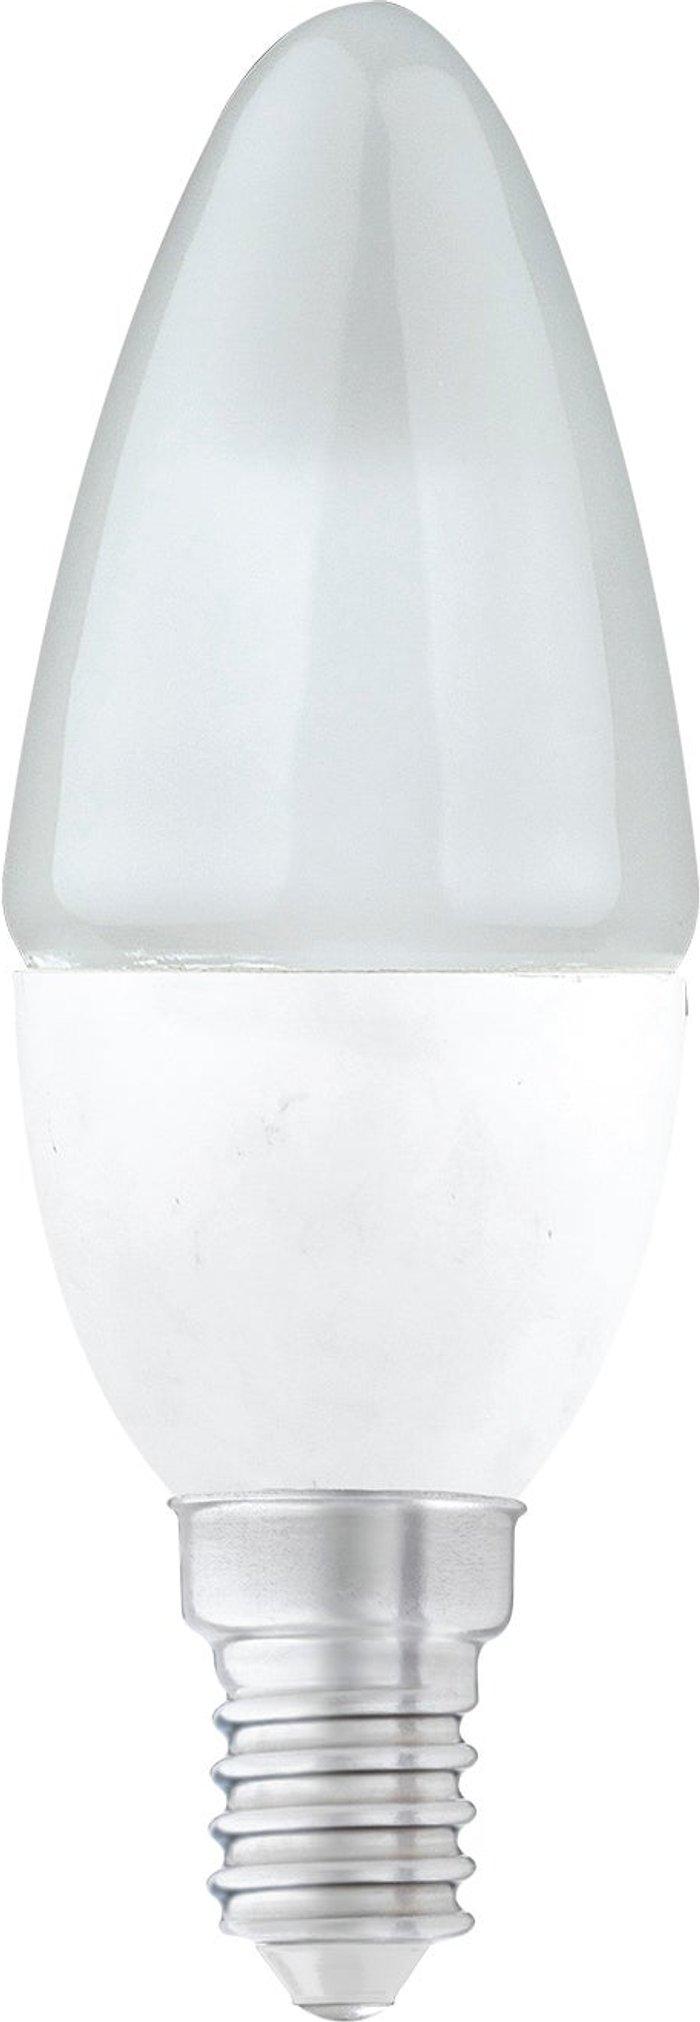 Dunelm Dunelm 4 Watt SES Pearl LED Candle Bulb 3 Pack White